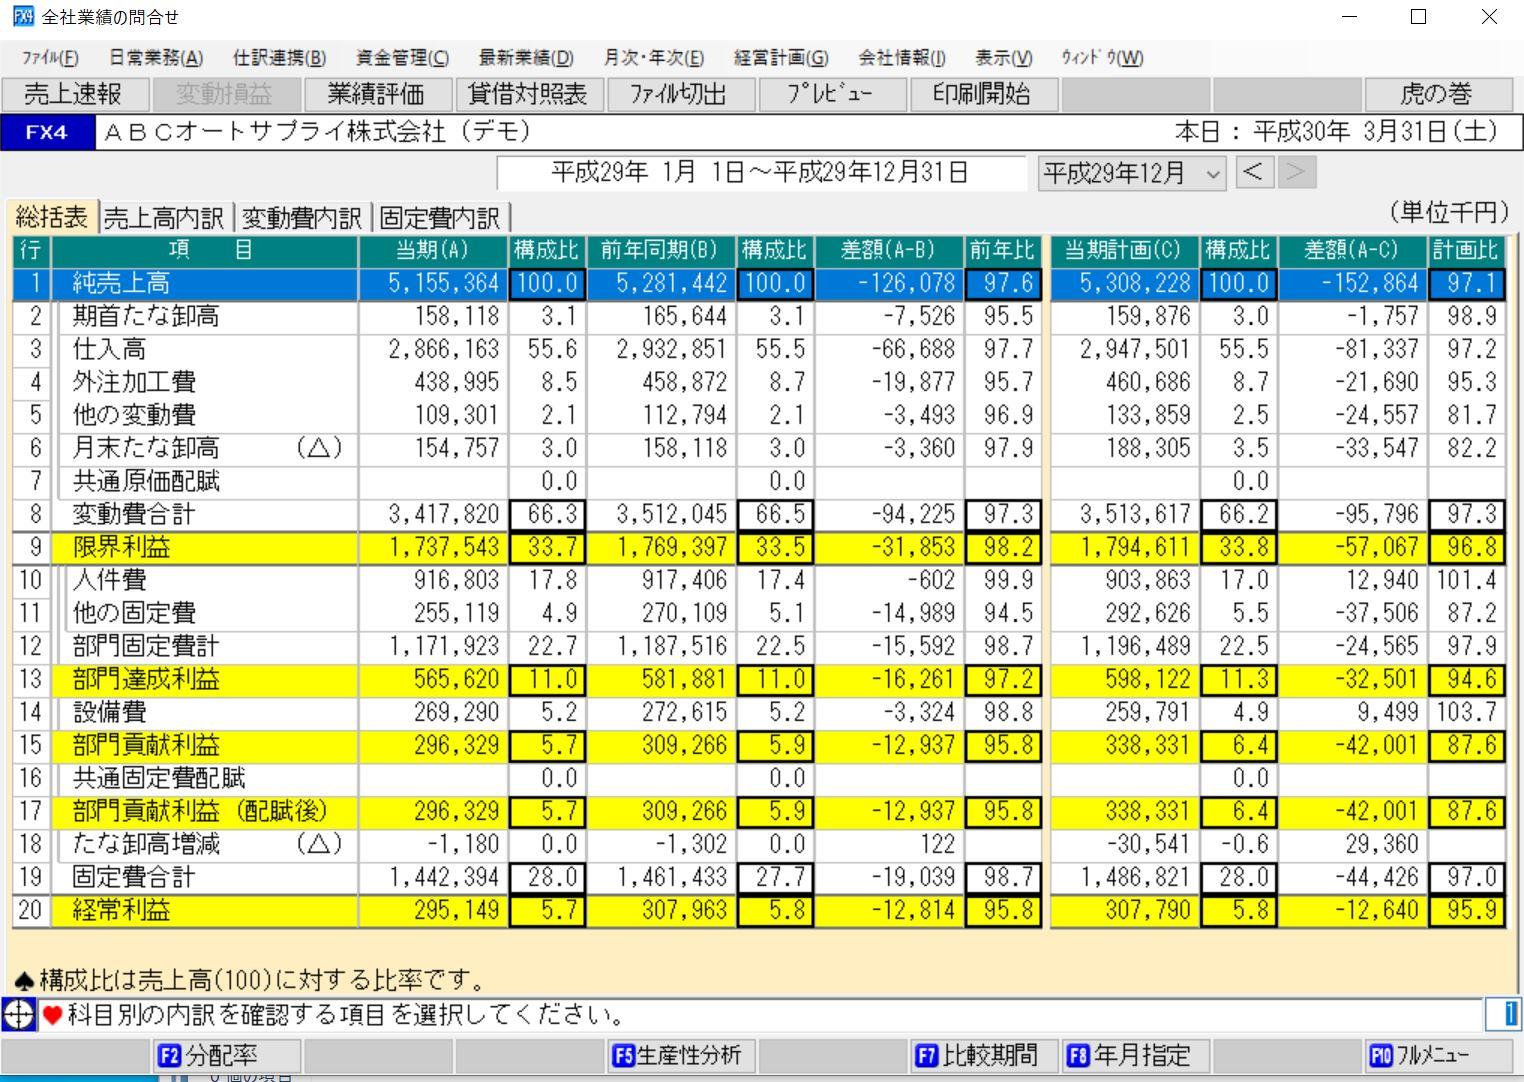 変動損益計算書全社業績